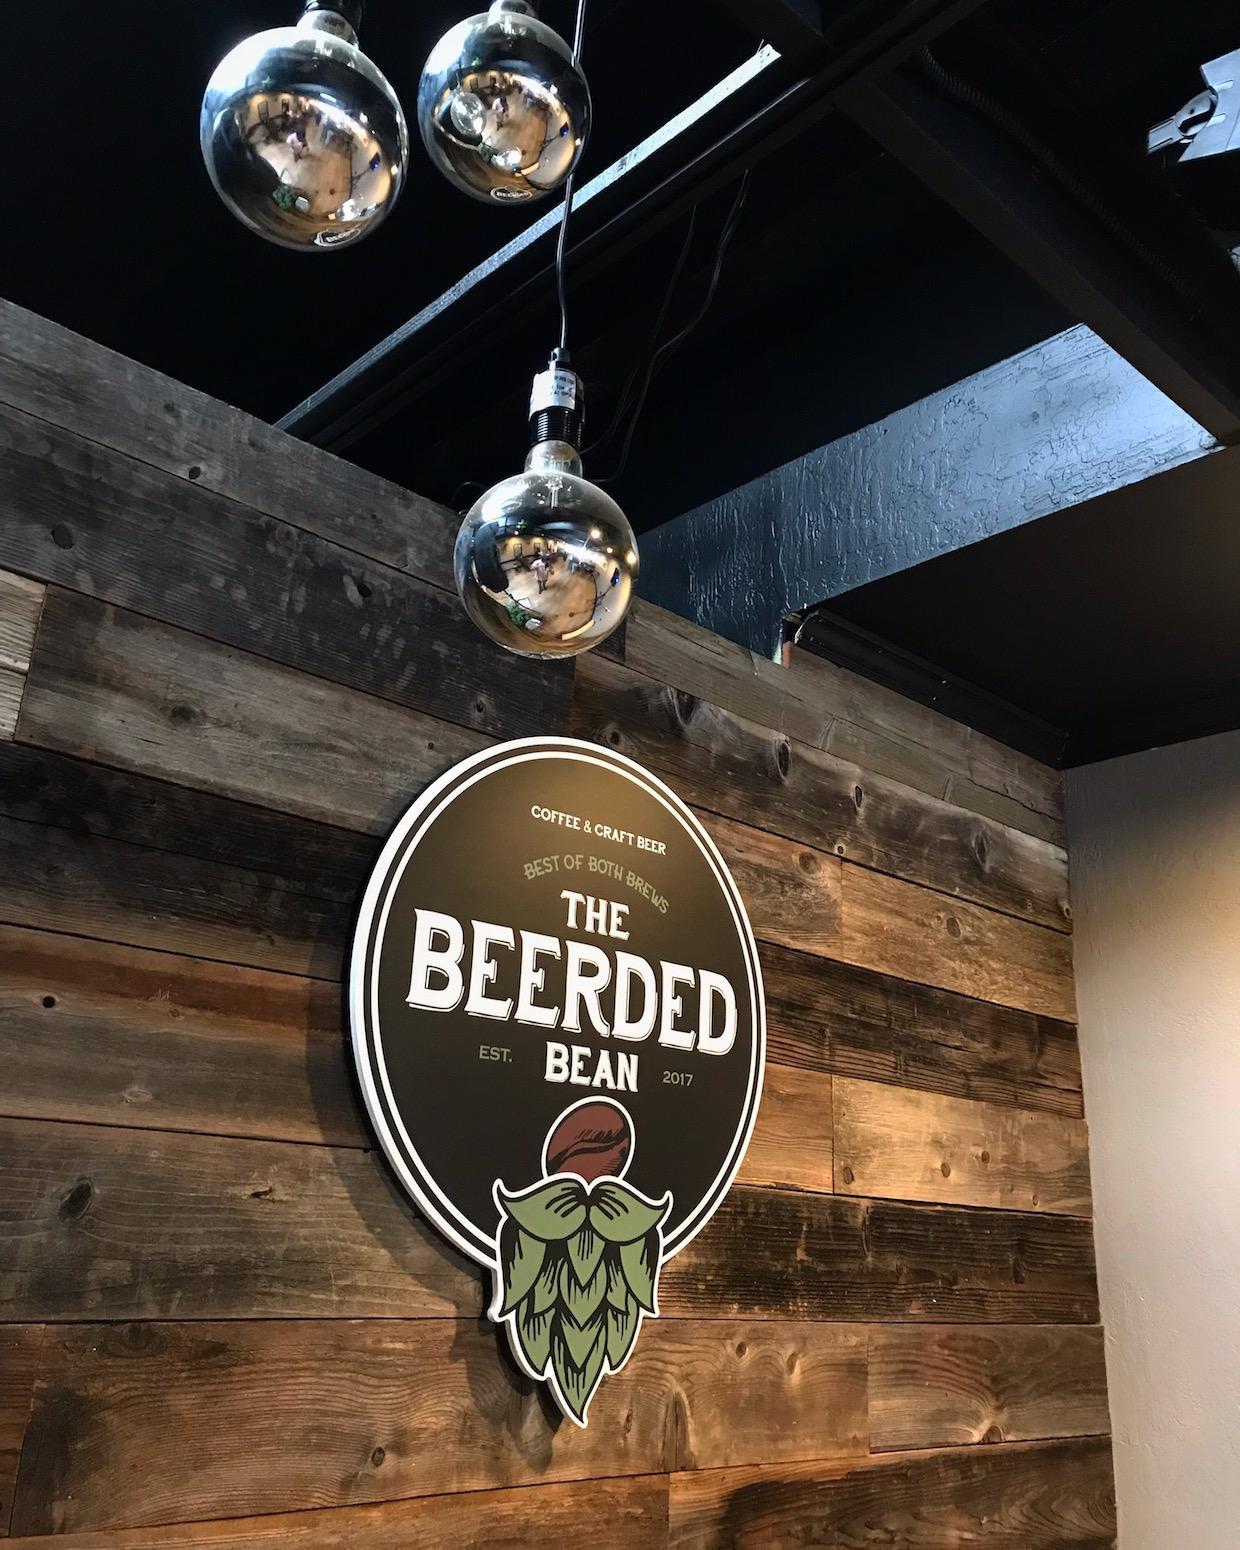 beerded_bean_logo